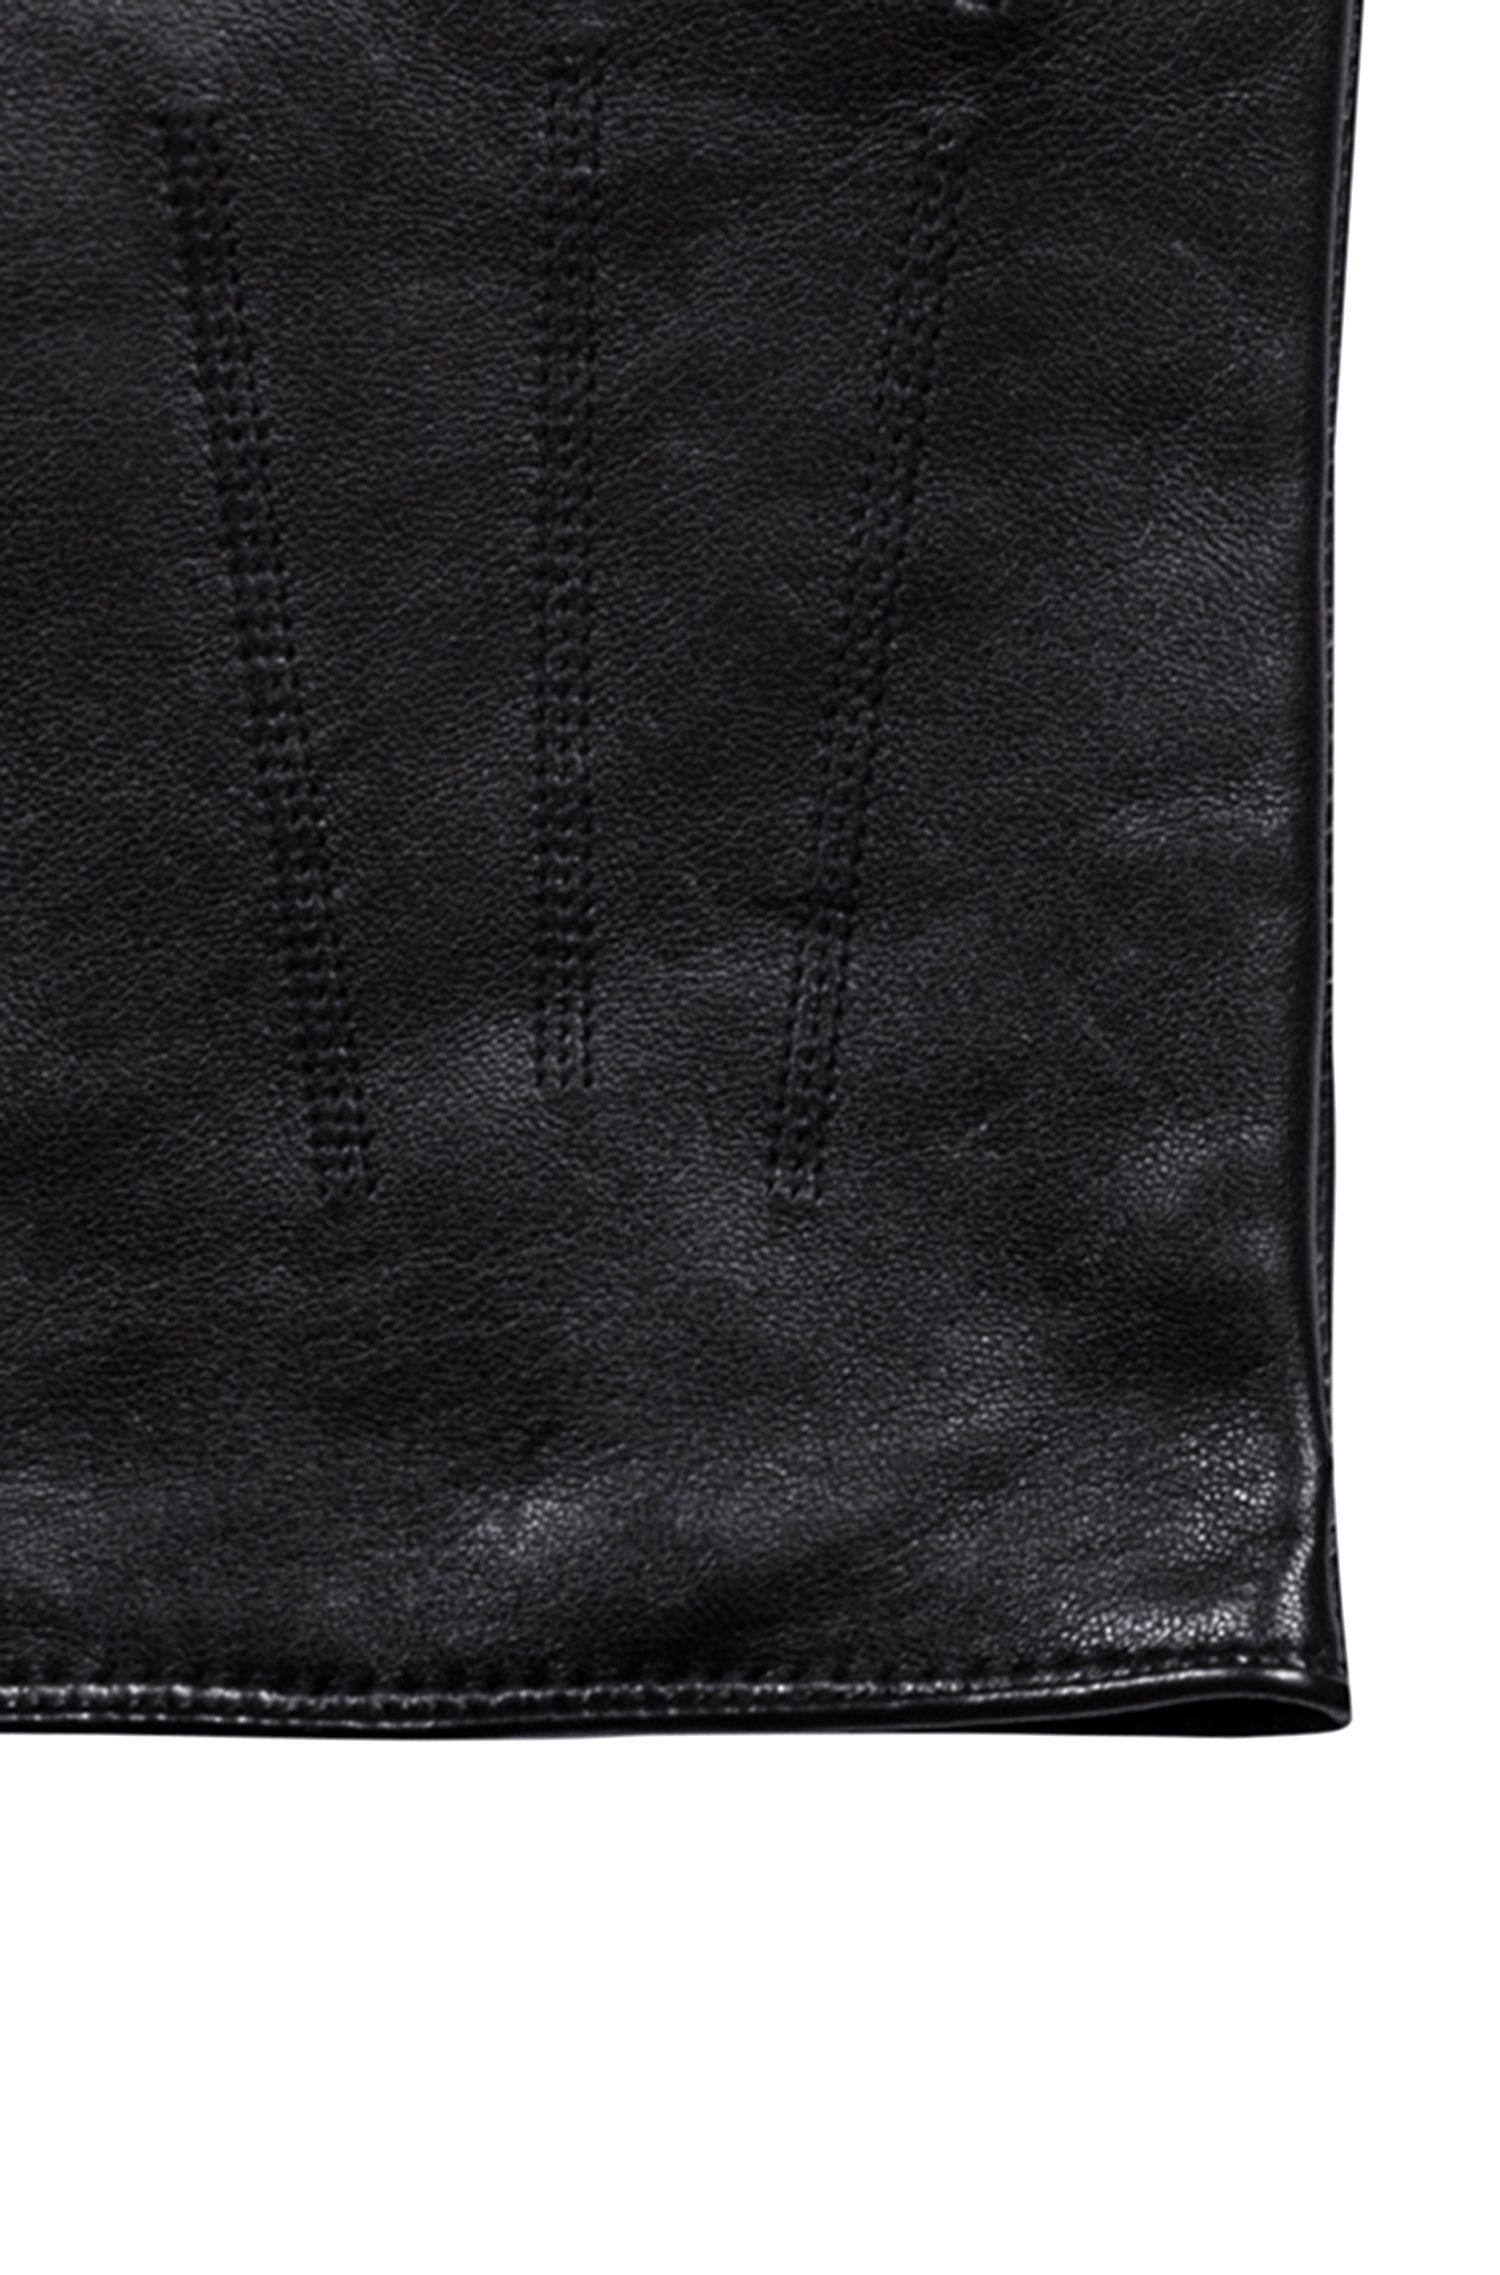 Gants légers en cuir nappa avec doublure en cachemire rouge, Noir